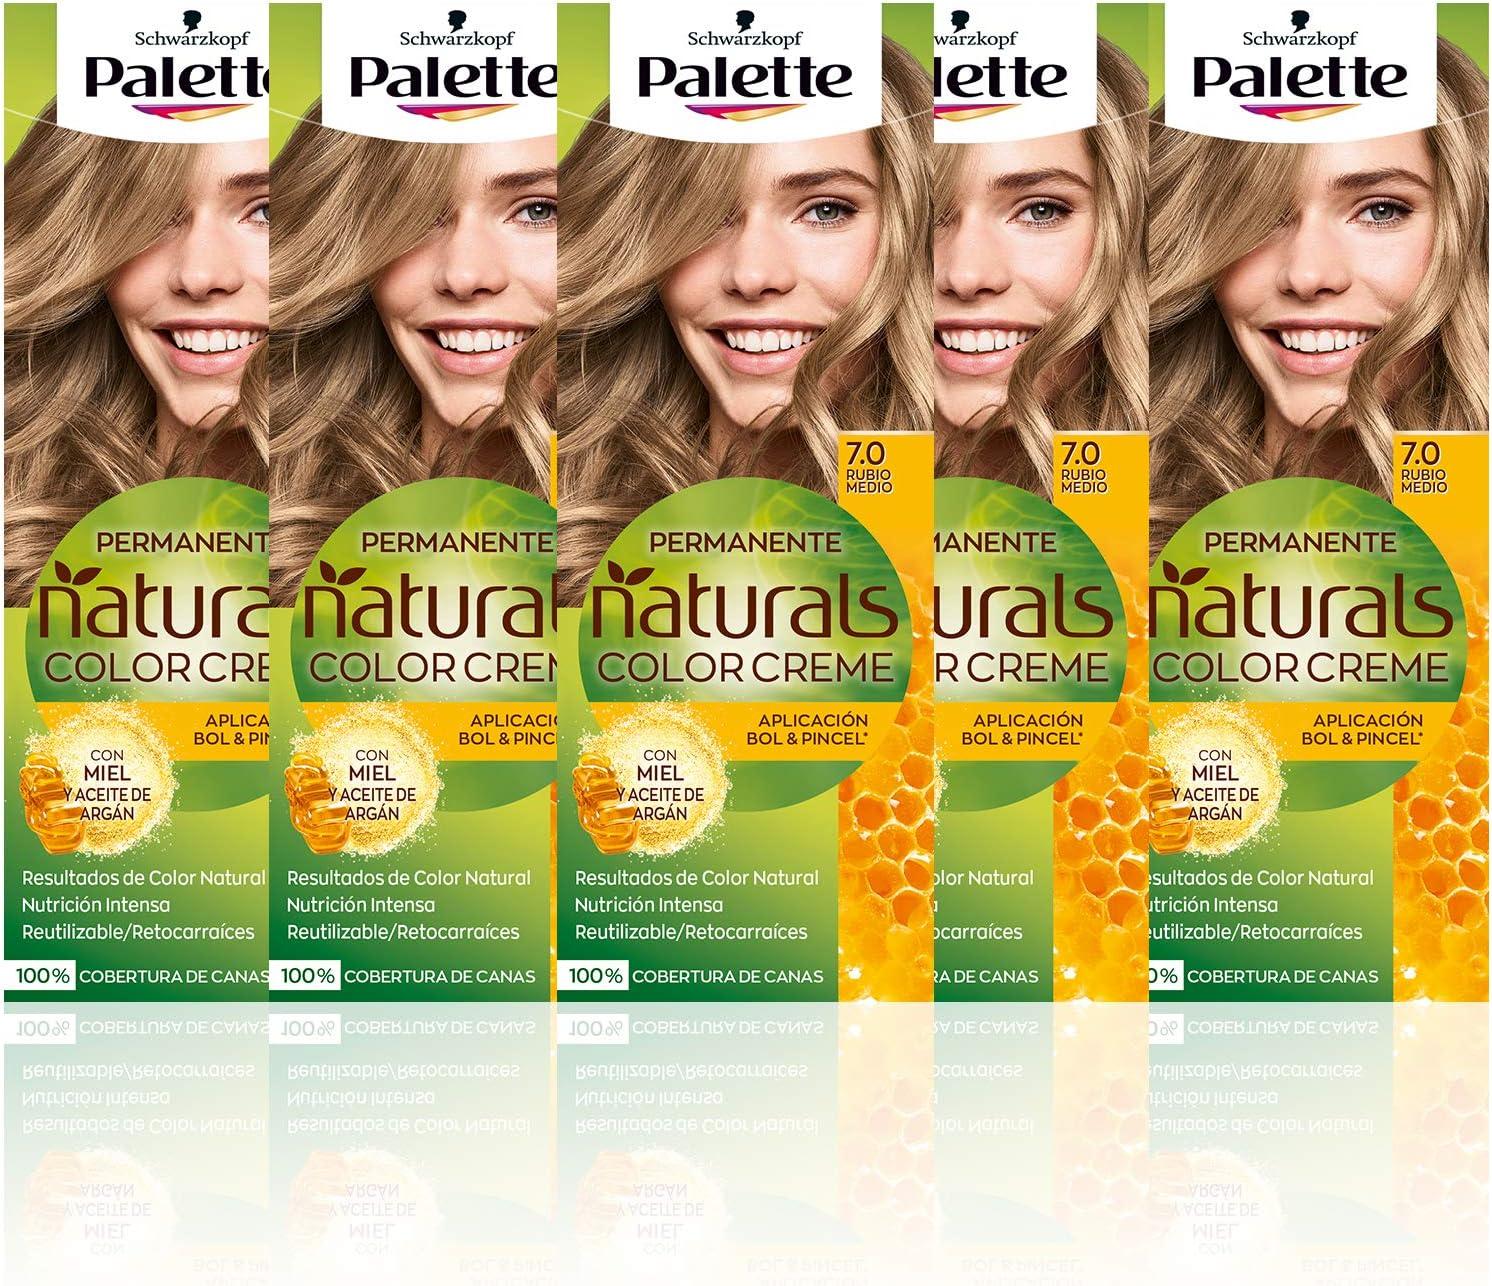 Schwarzkopf Palette Naturals Color Creme - Tono 7 cabello ...